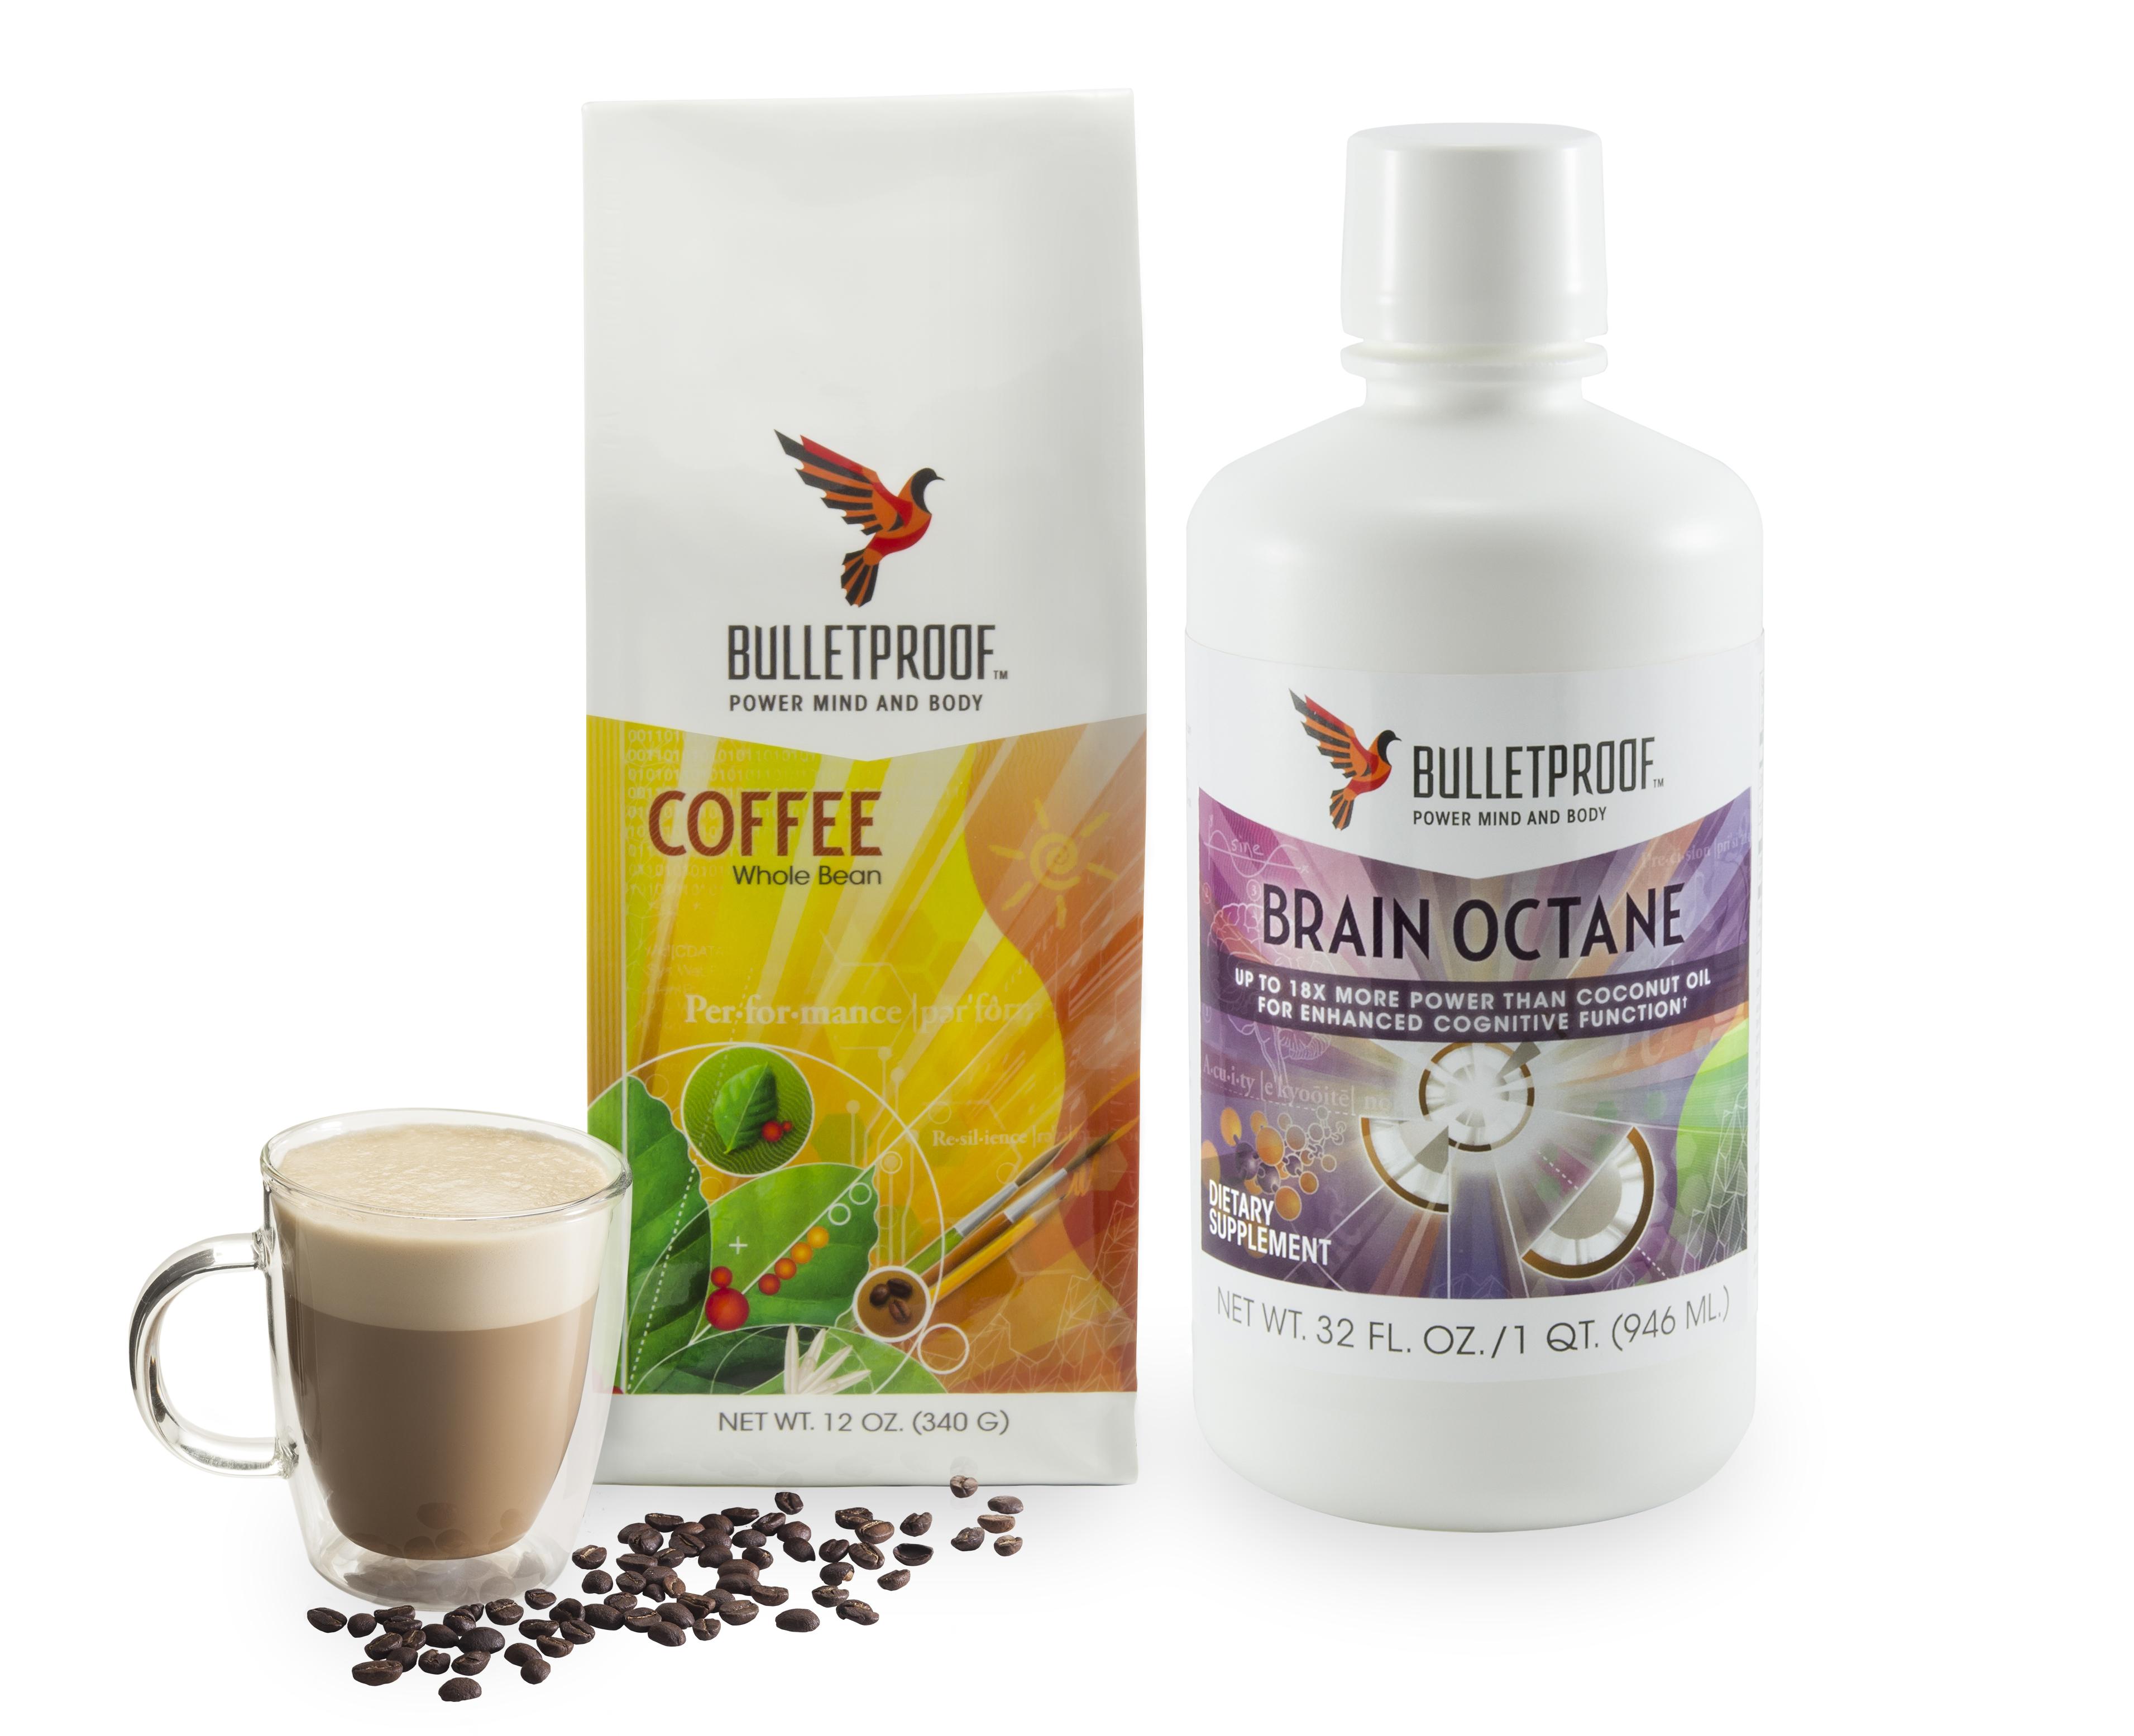 Bulletproof coffee with Bulletproof beans and Bulletproof's Brain Octane oil.